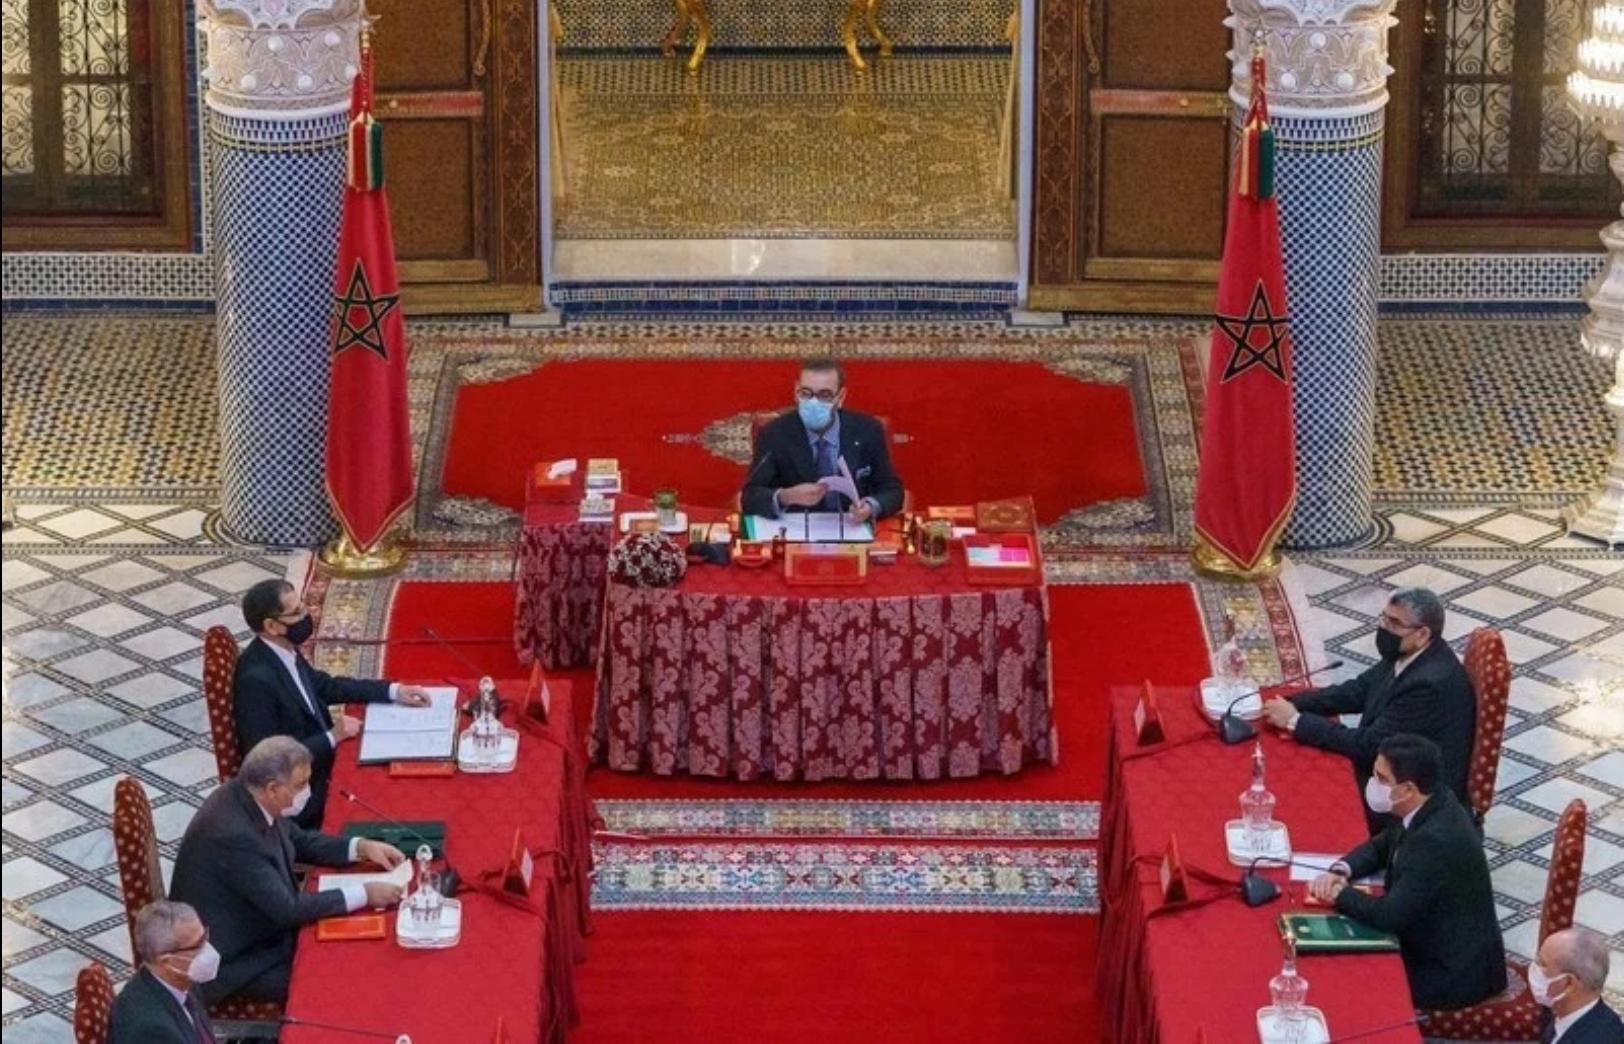 جلالة الملك يترأس مجلسا وزاريا خصص للمصادقة على عدد من مشاريع النصوص القانونية ومجموعة من الاتفاقيات الدولية